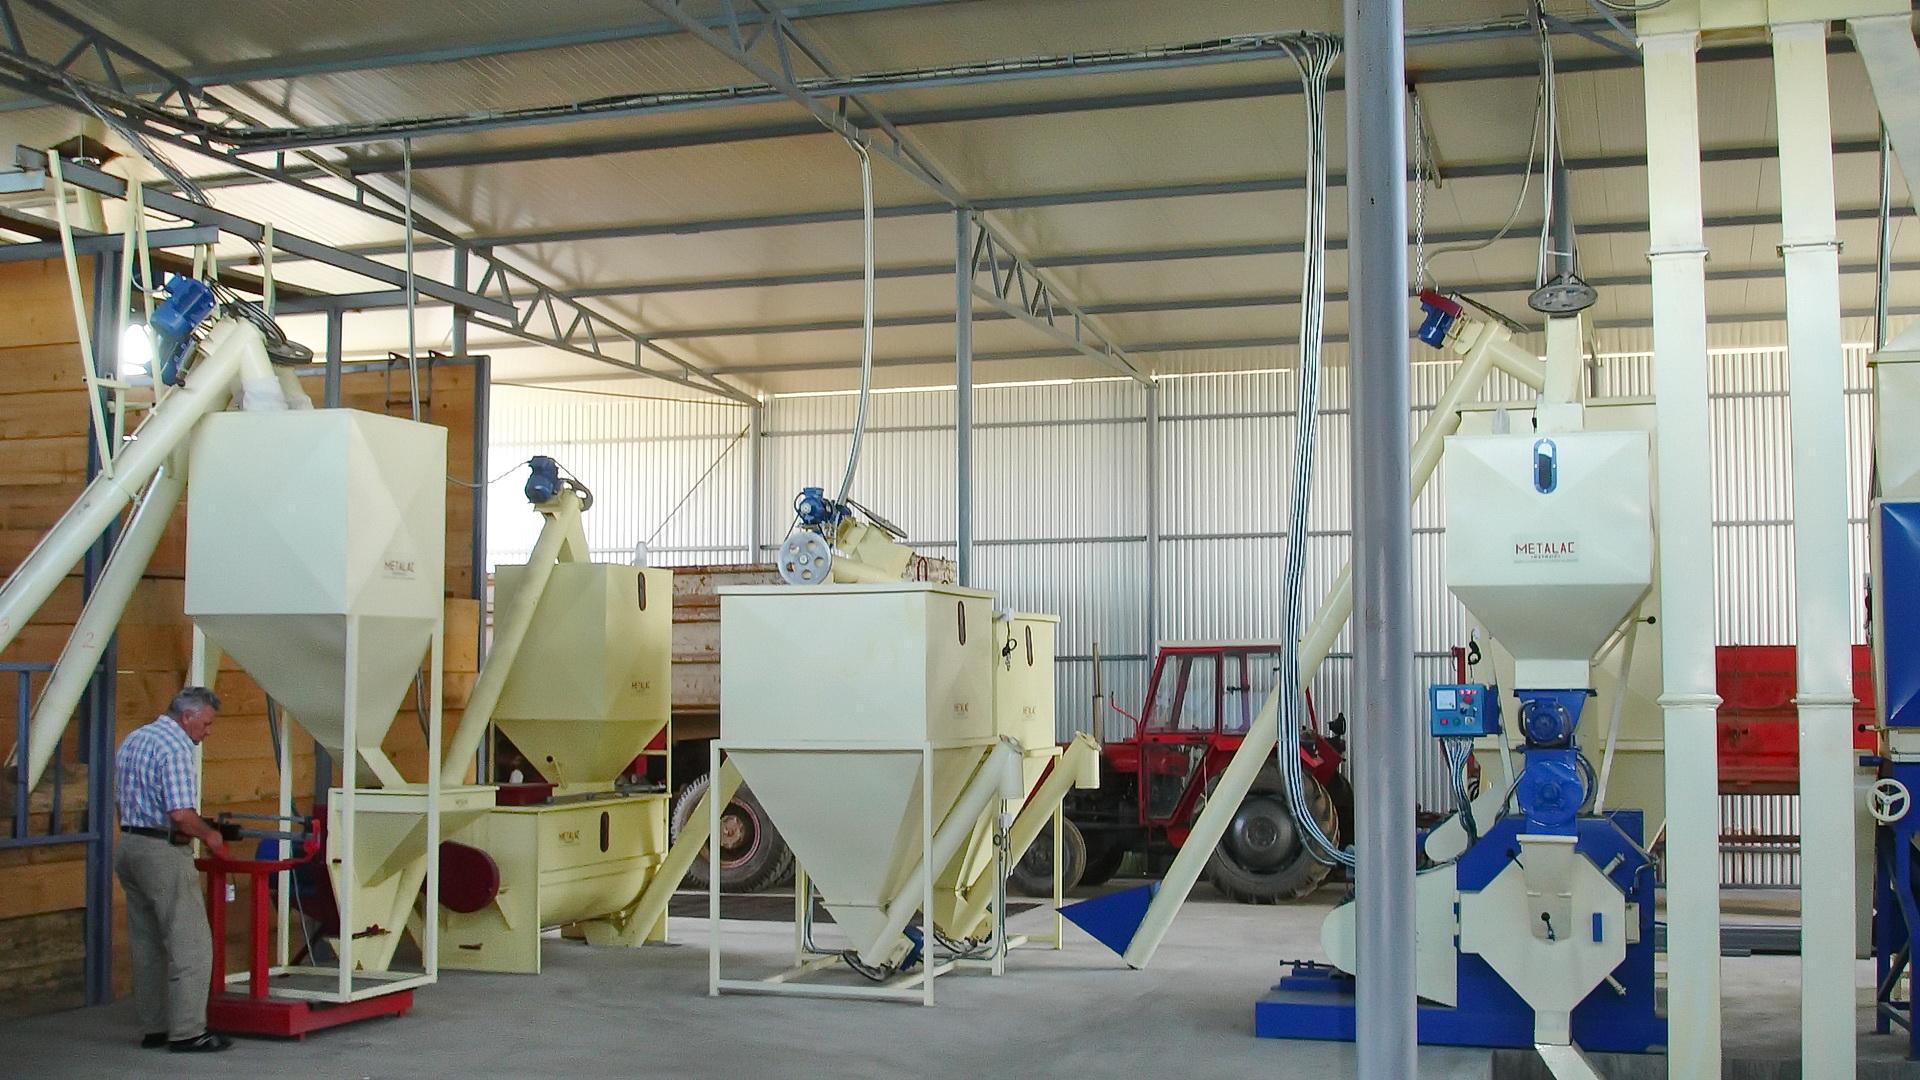 Fabrika za proizvodnju stocne hrane